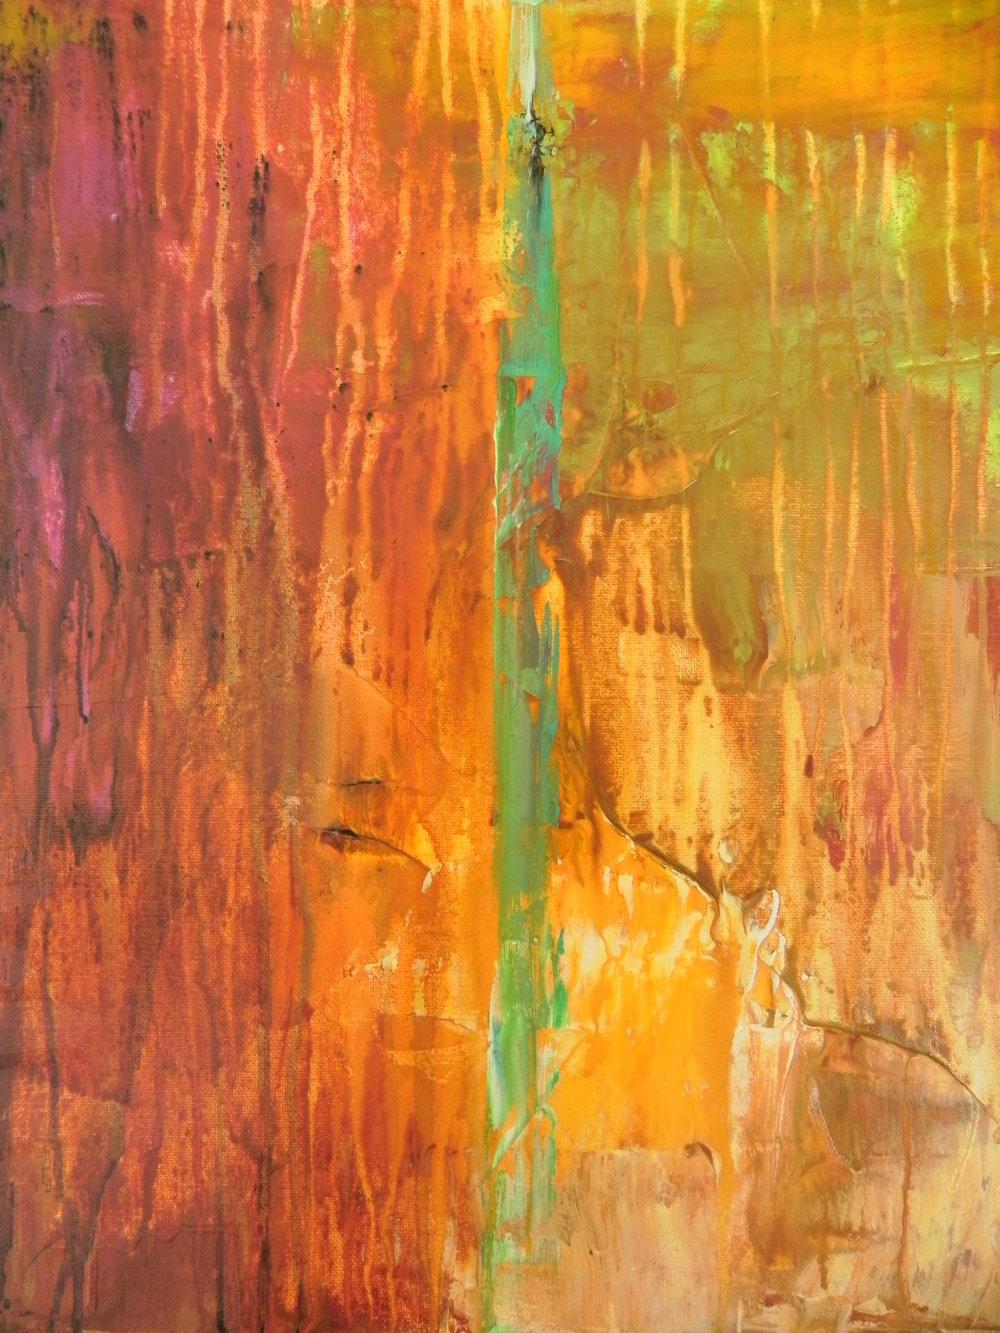 """COLLISION, 2013. 20"""" x 16"""". Canvas. Acrylic. Copyright © Karen Santos 2013. SOLD."""